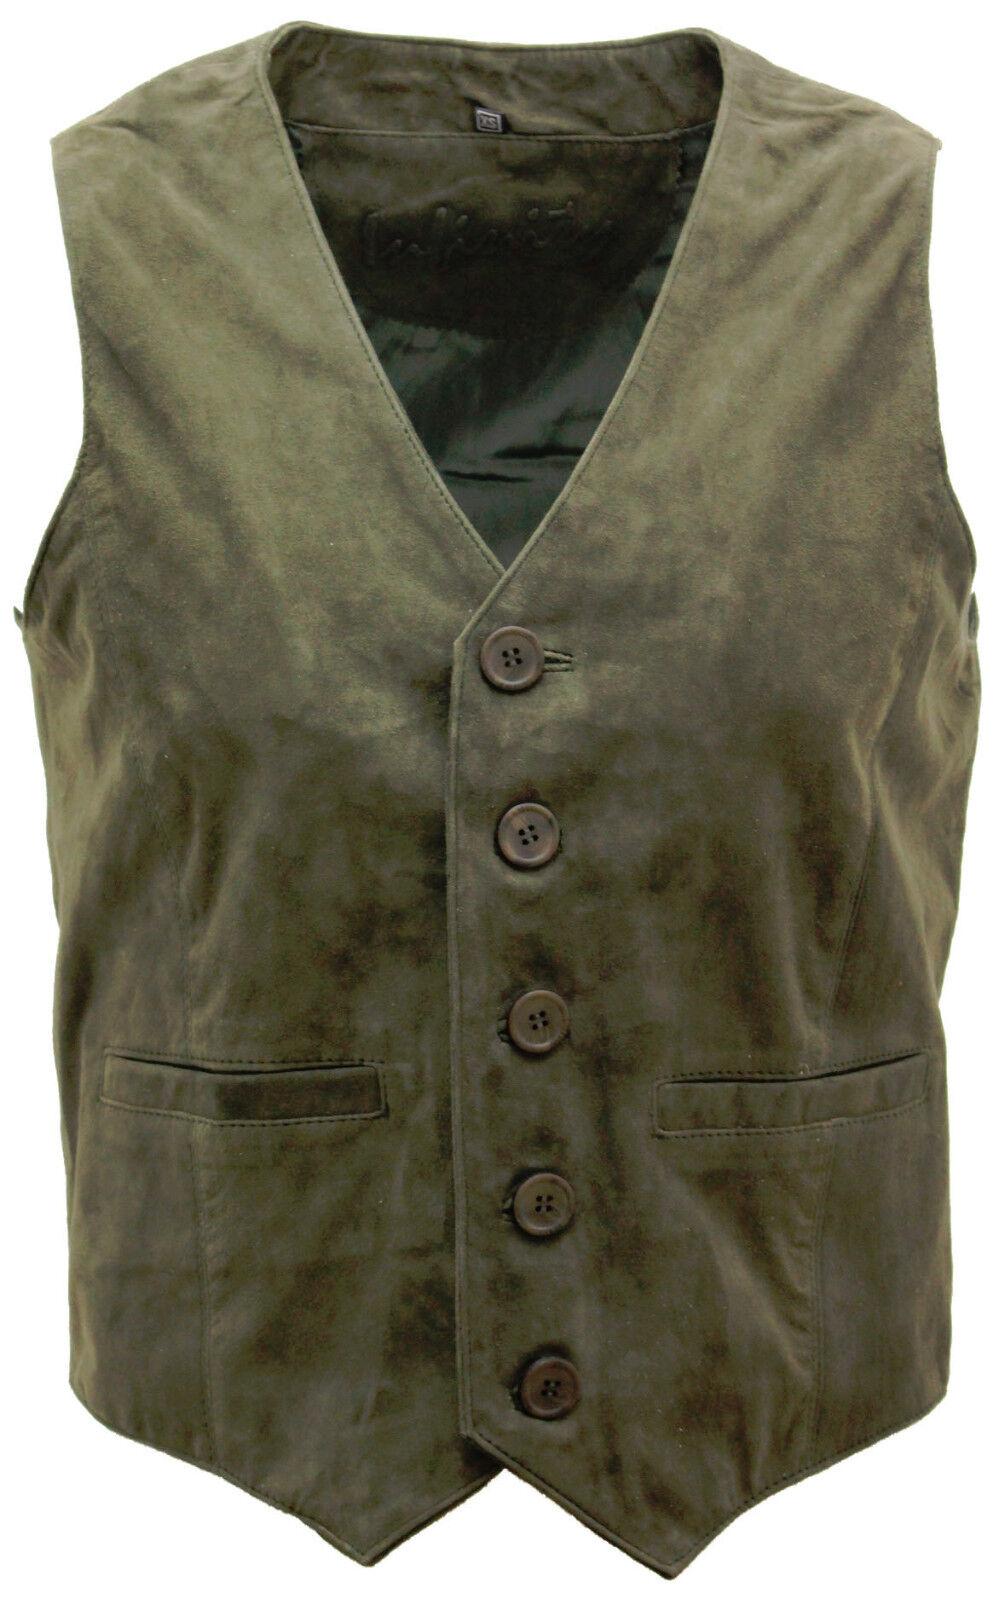 Men's Goat Suede Classic Smart Khaki Leather Waistcoat